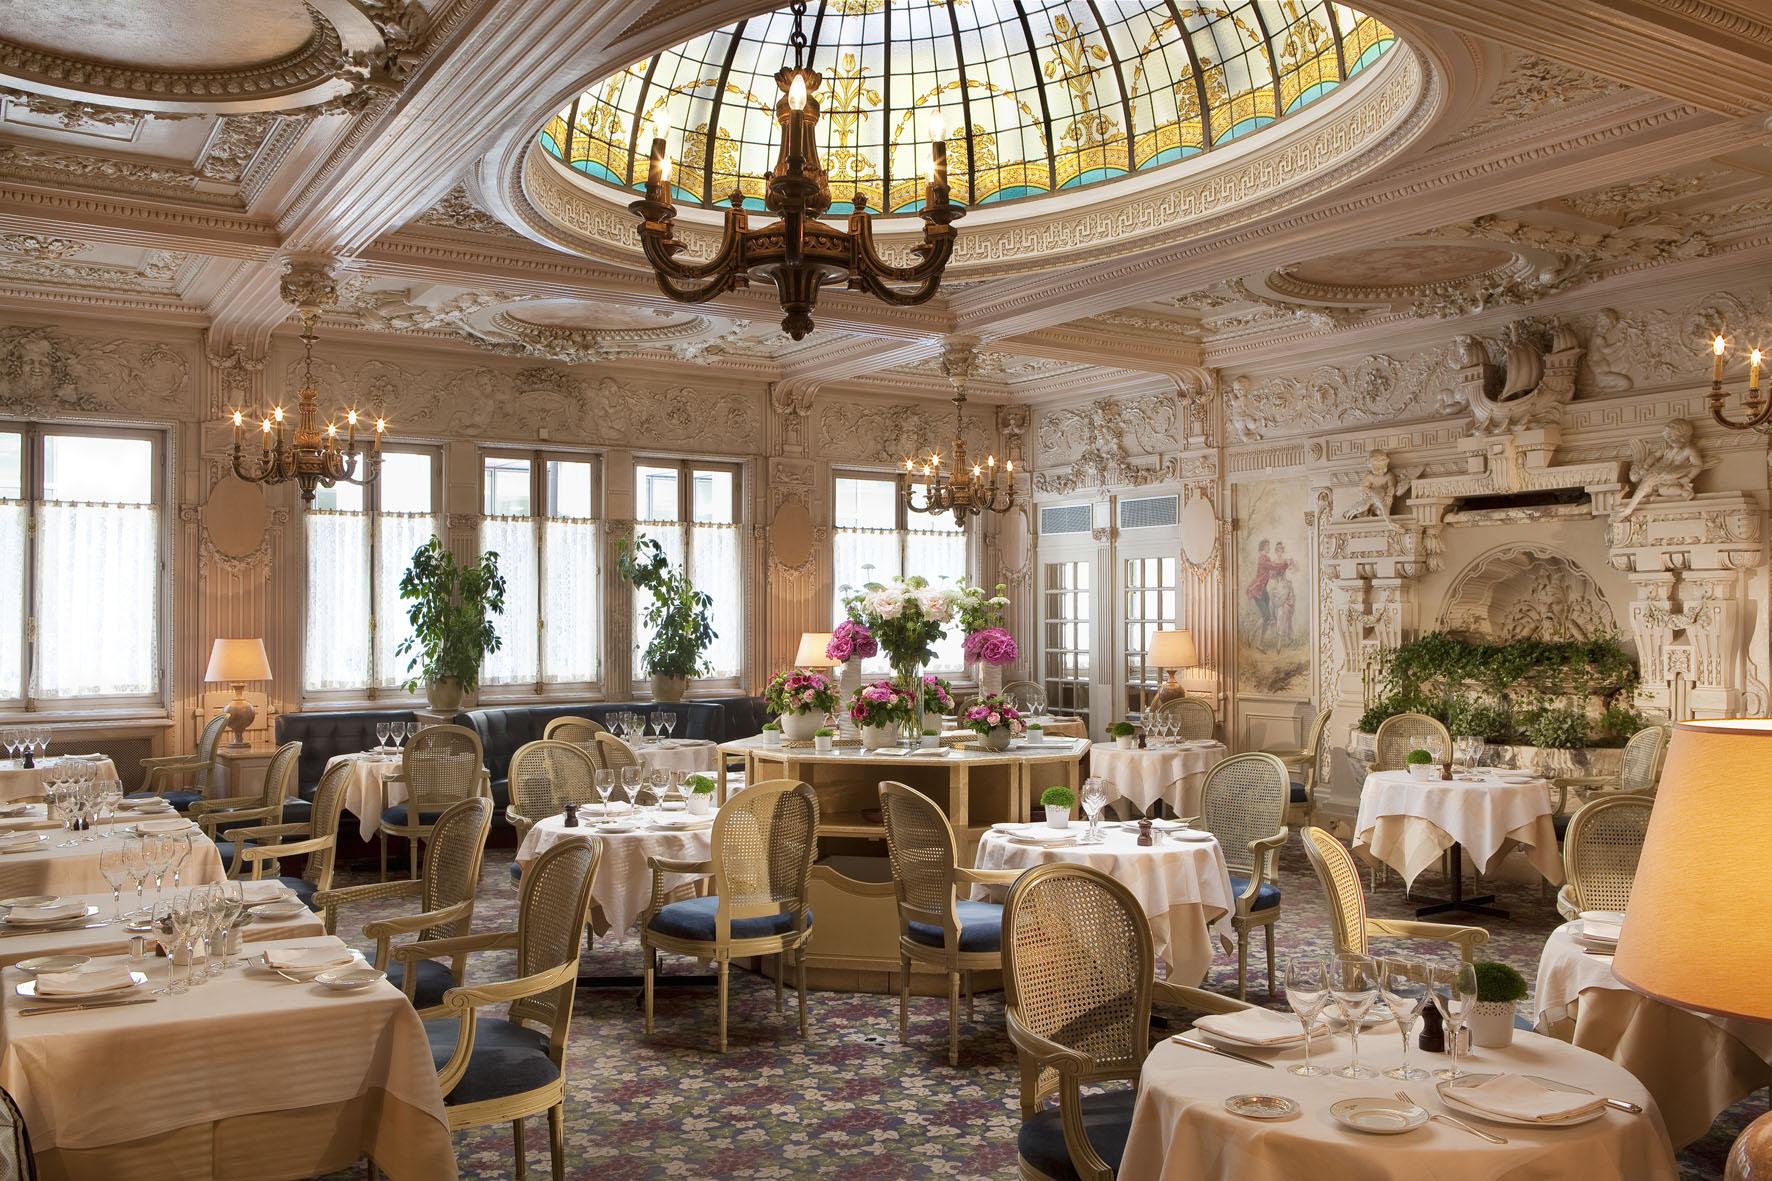 Offre D Emploi Restauration Hotellerie Paris